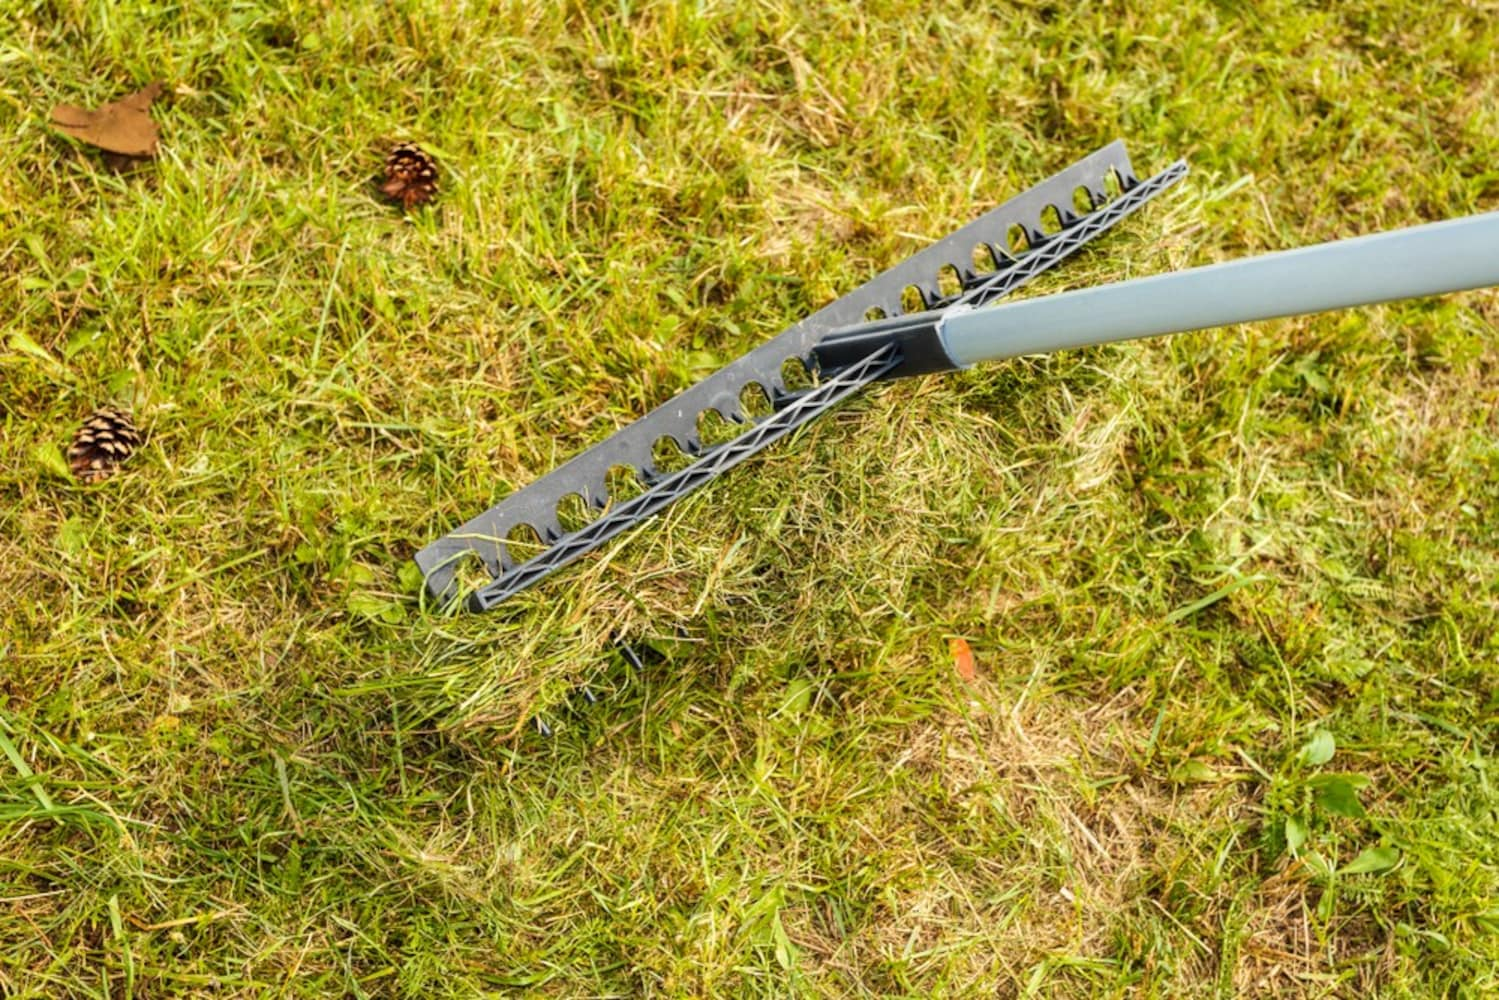 タイプ|地面ならしに便利な「目土ならしレーキ」草や土に使いやすい「草刈りレーキ」